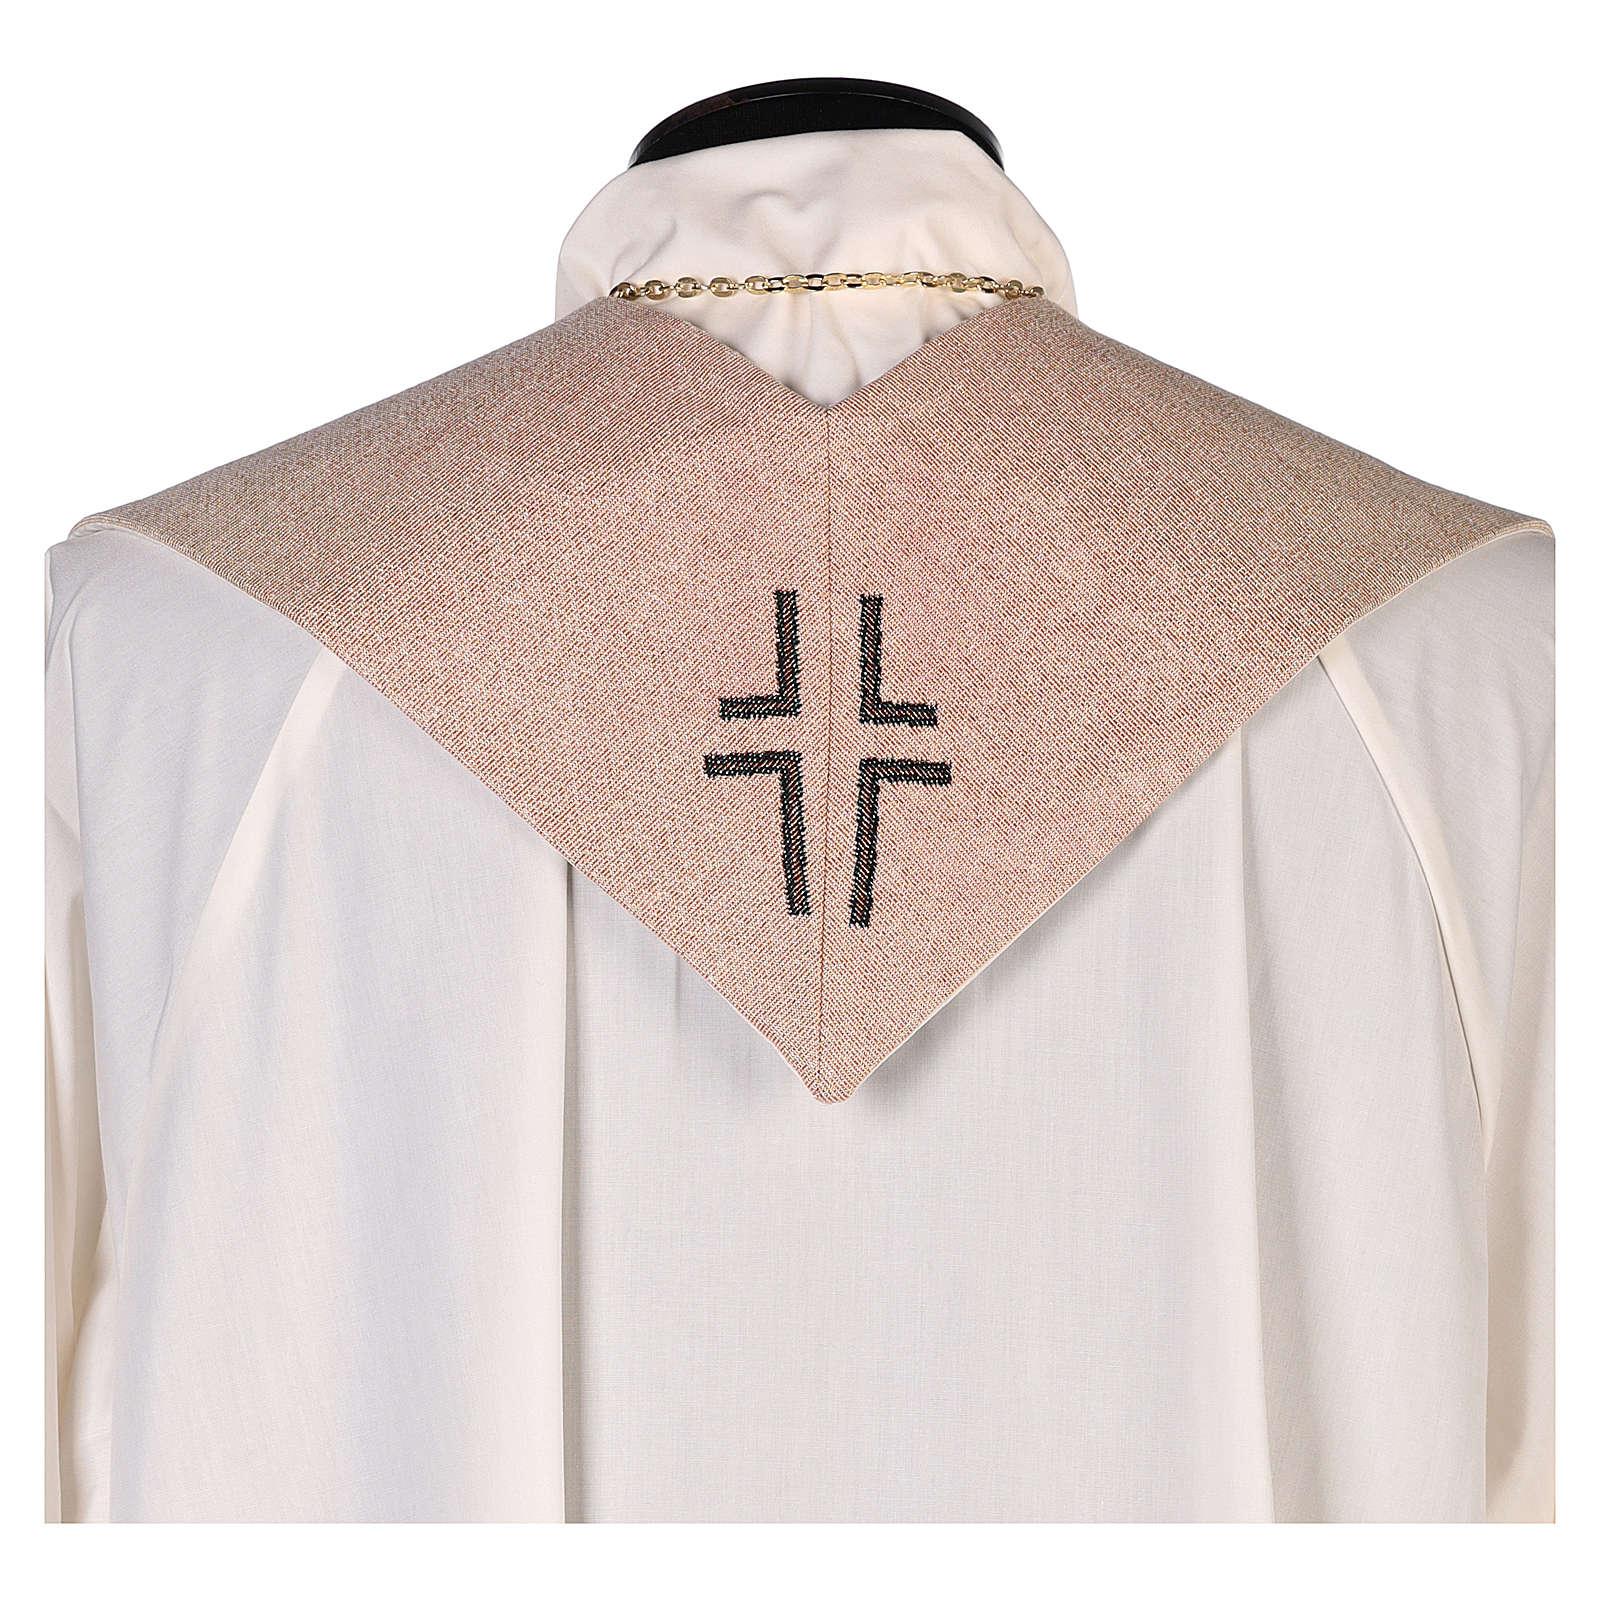 Estola Sagrada Familia bordado tejido marfil 4